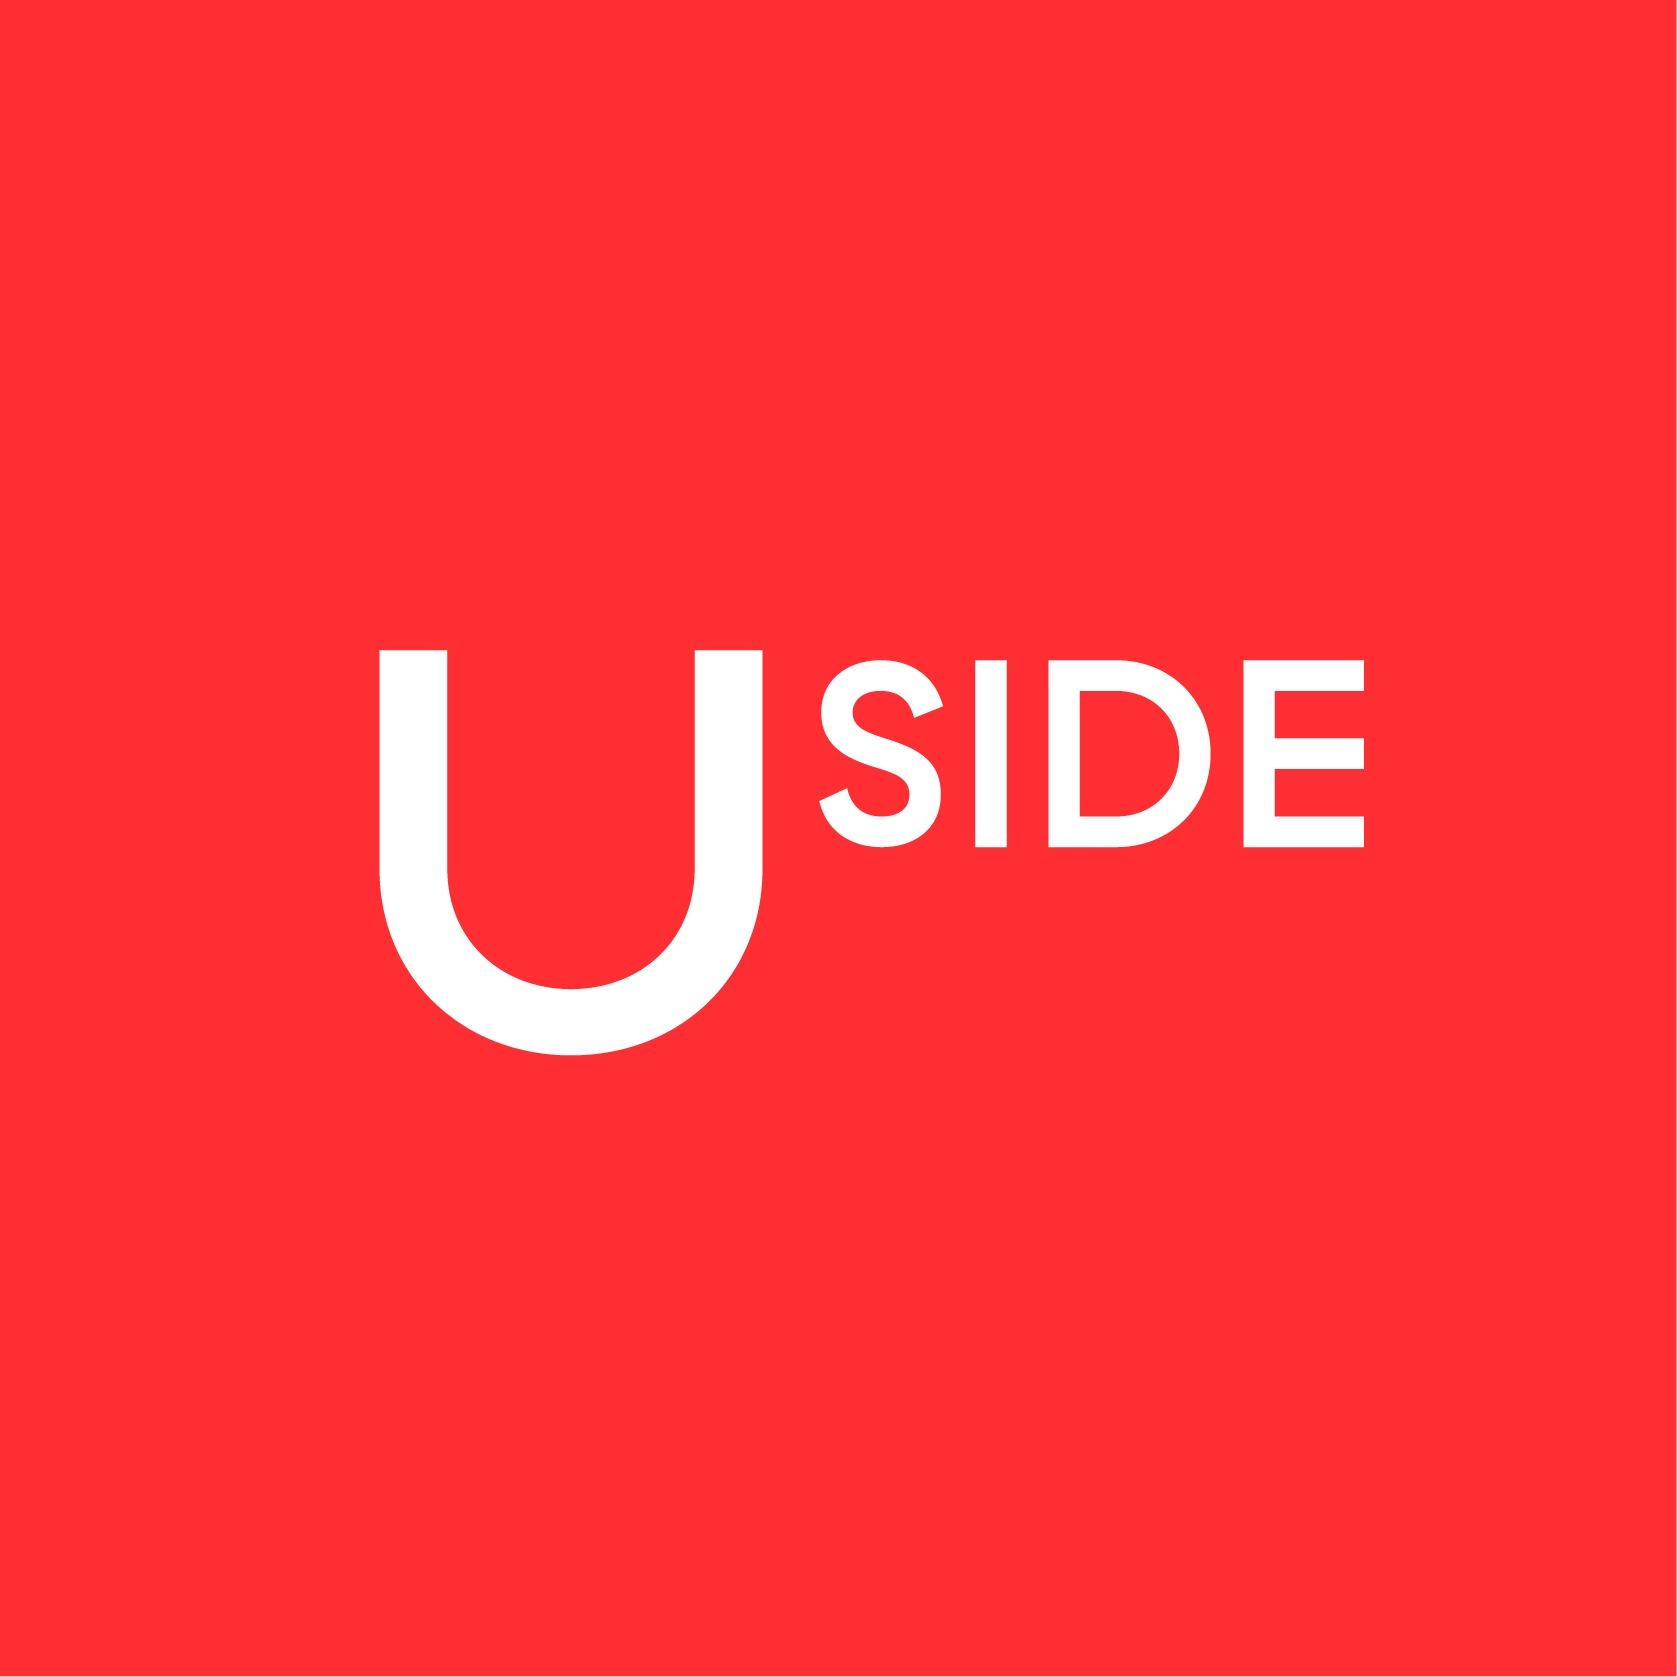 the Uside logo.